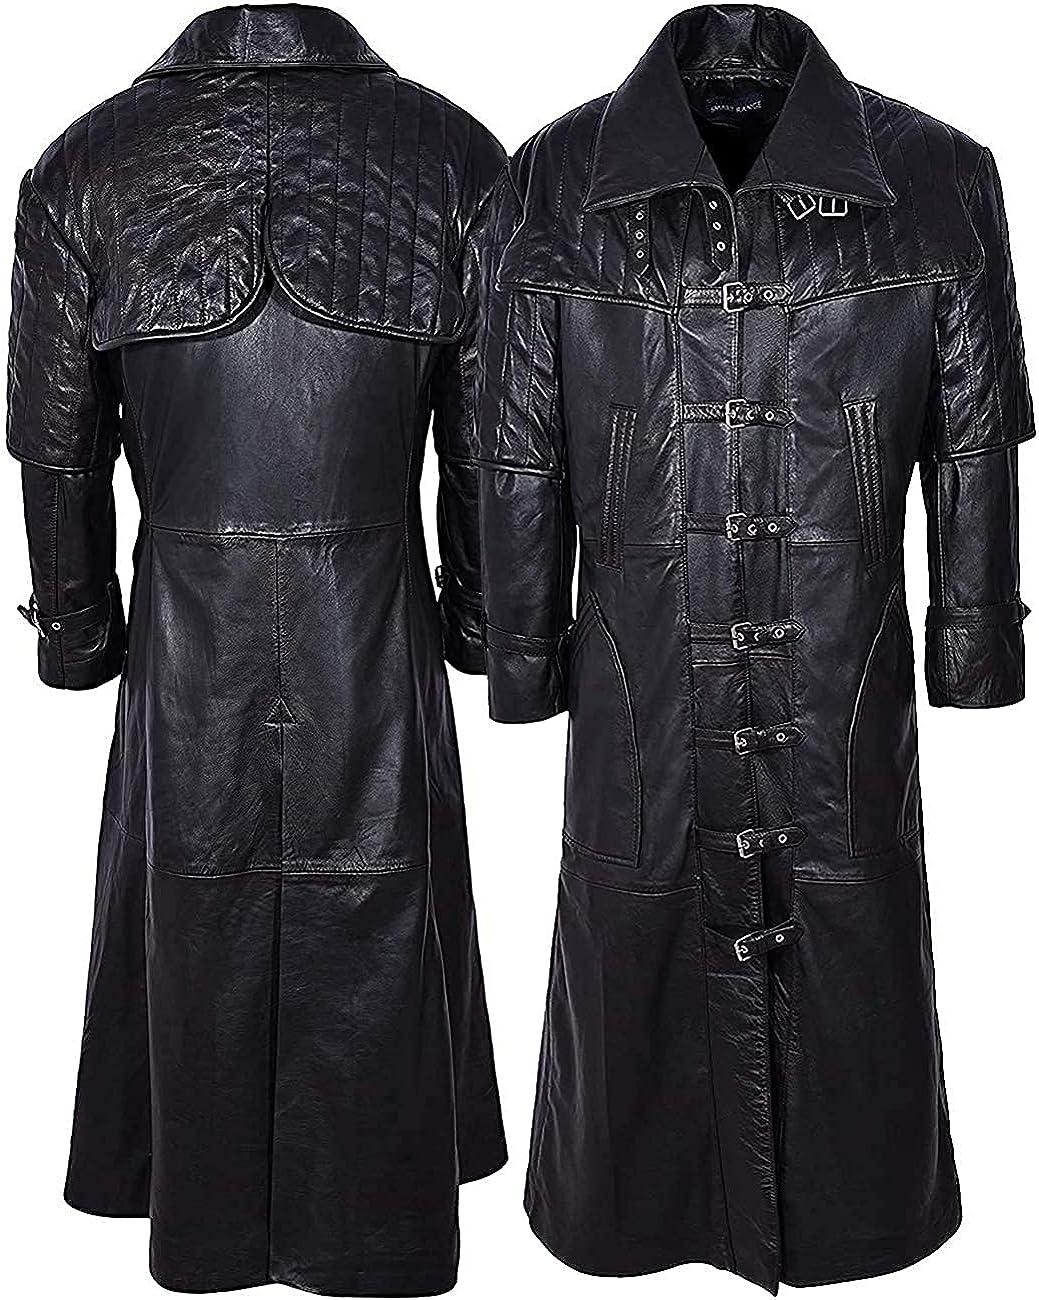 Men's Black Templar 40K Cosplay Genuin Cowhide Superlatite Time sale Van Helsing